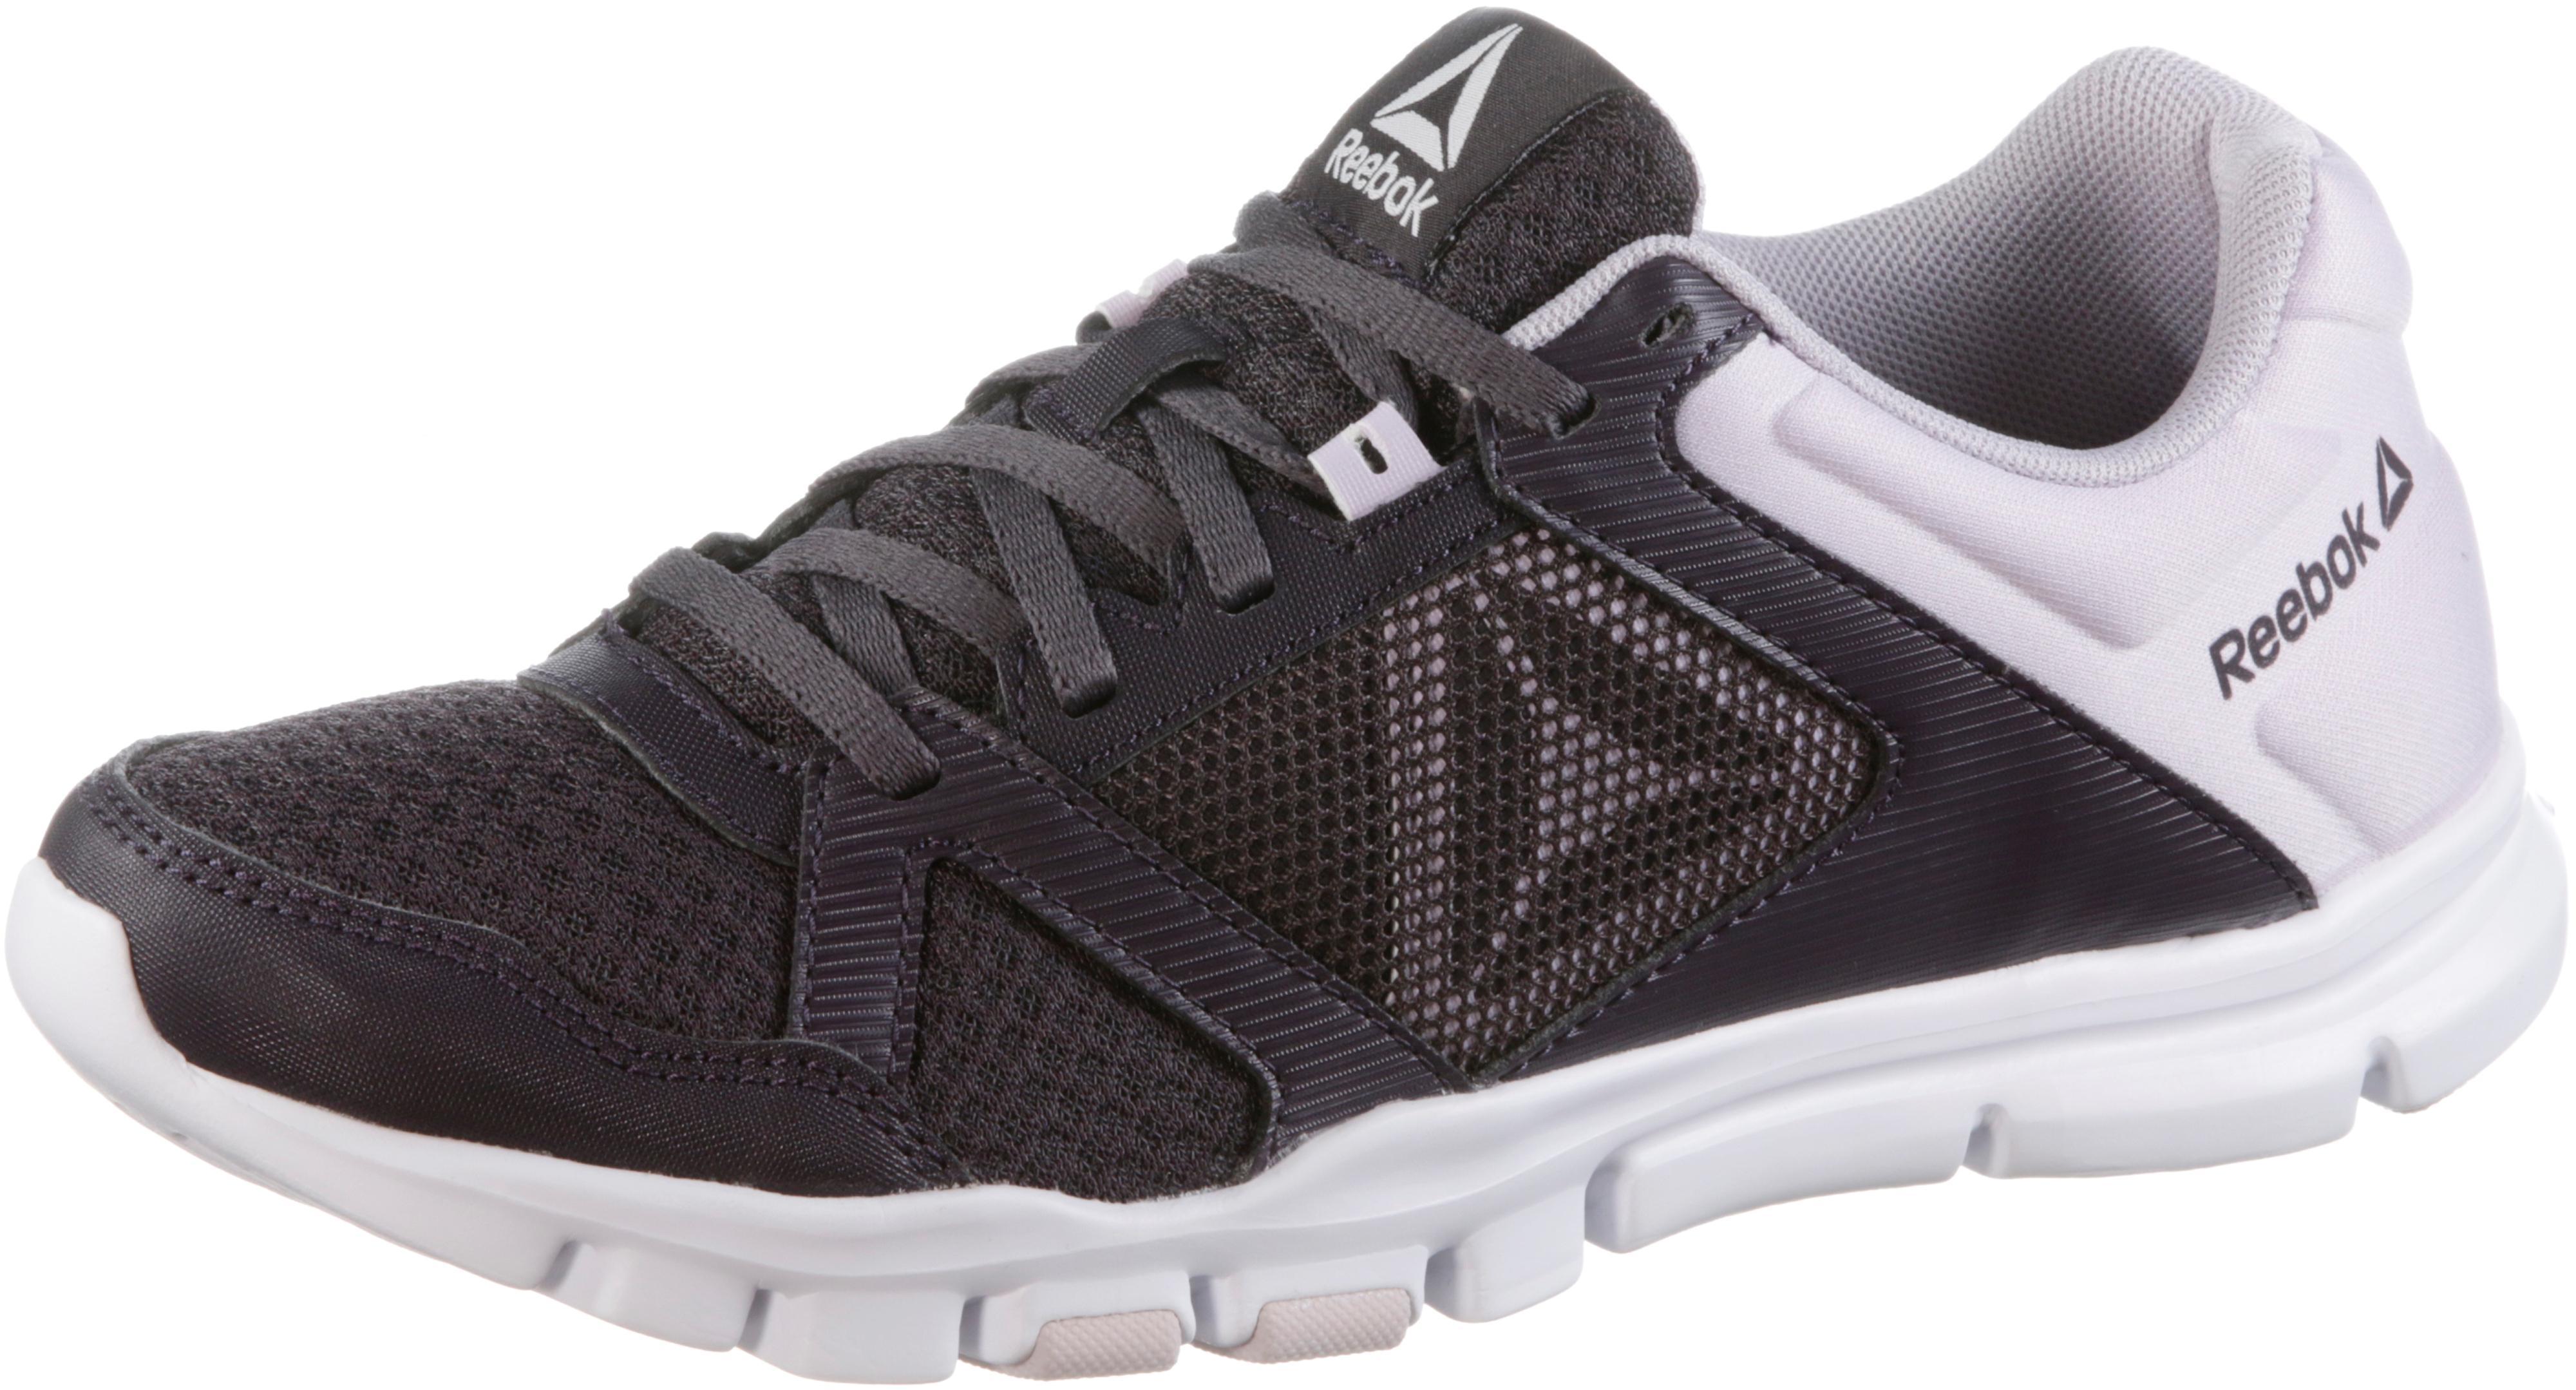 Reebok Yourflex Trainette Fitnessschuhe Damen schwarz-Weiß-alloy im Online Shop von SportScheck kaufen Gute Qualität beliebte Schuhe